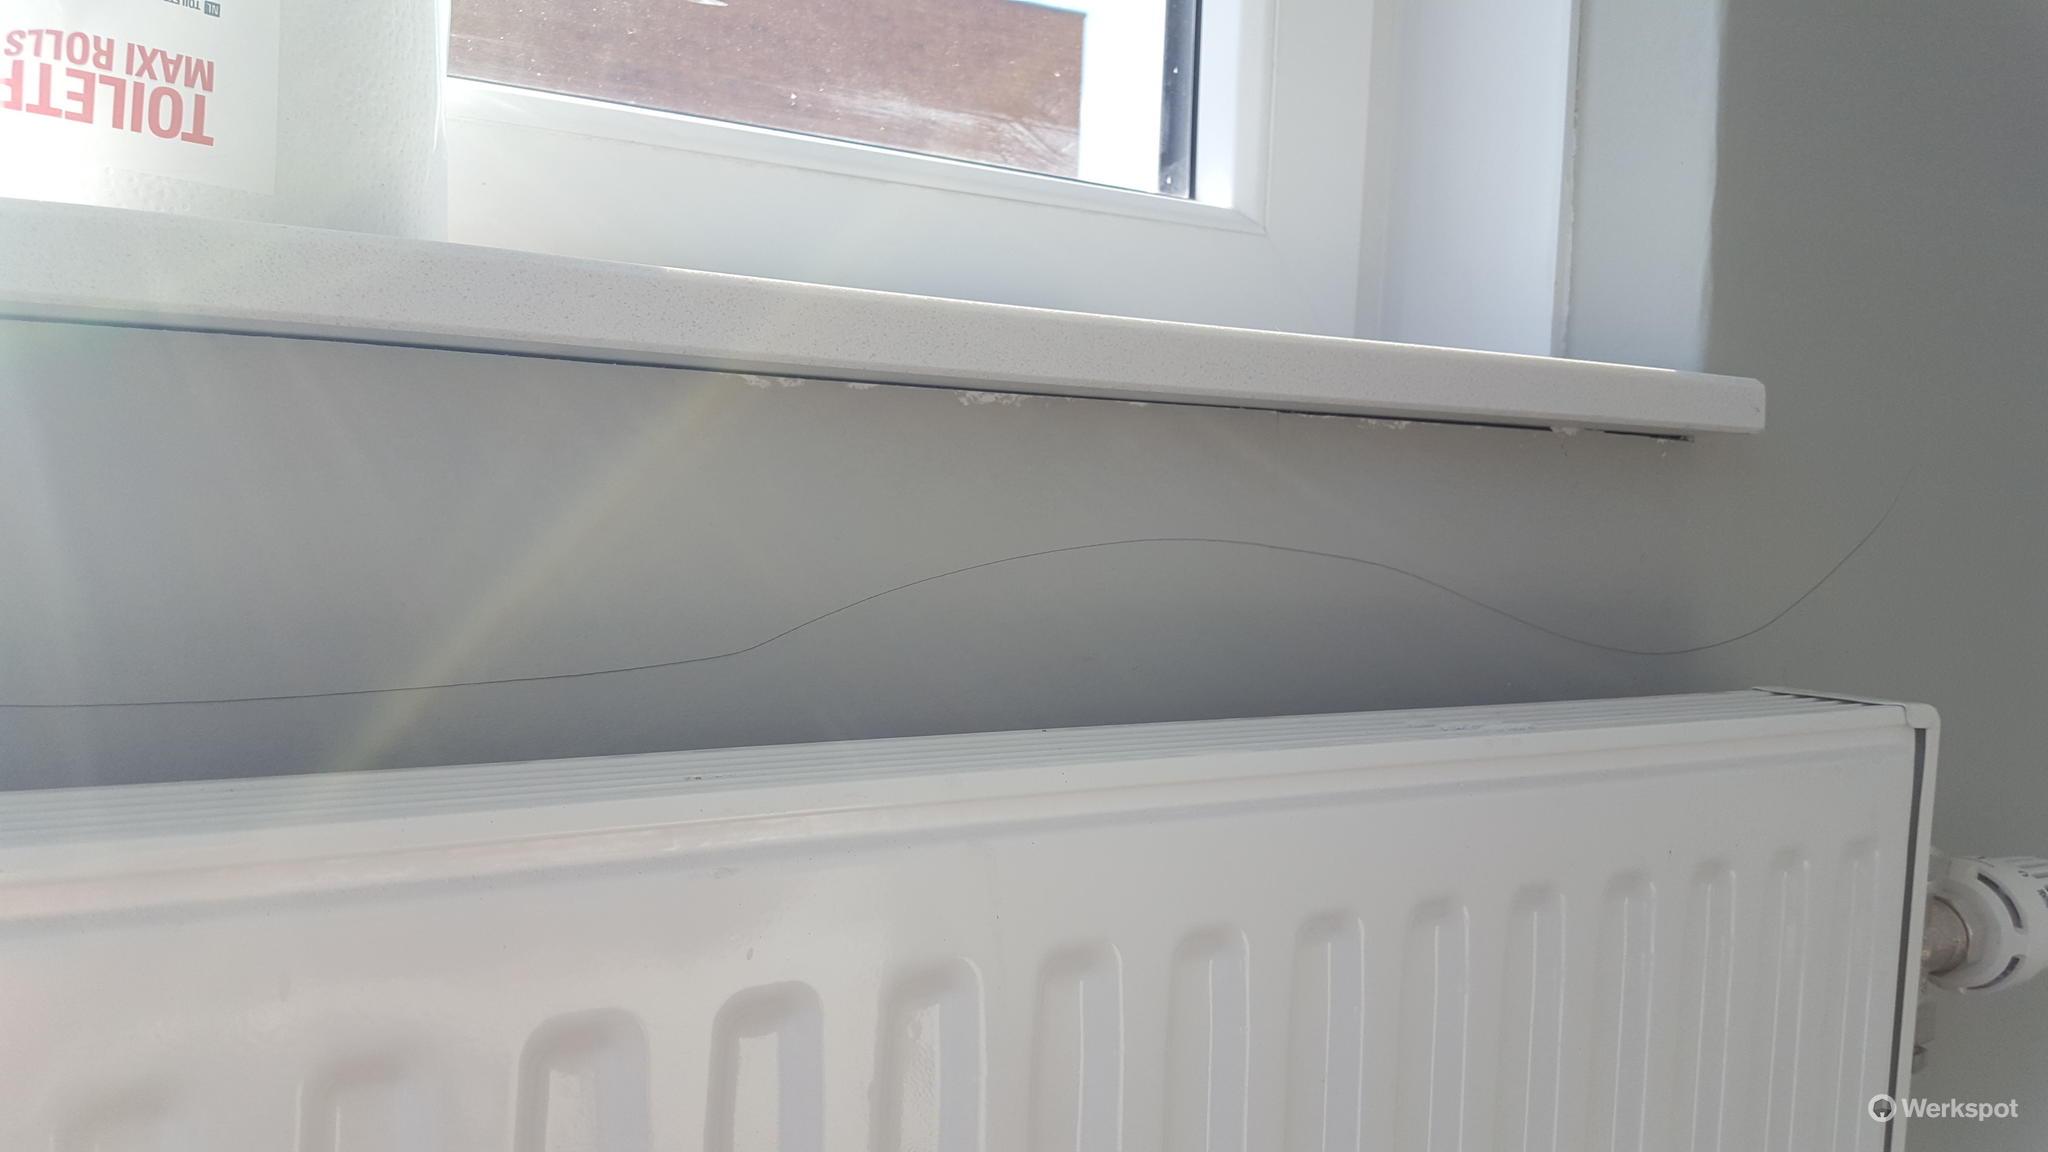 Aanbrengen van renovlies behang alle muren nieuwbouw for Renovlies behang aanbrengen